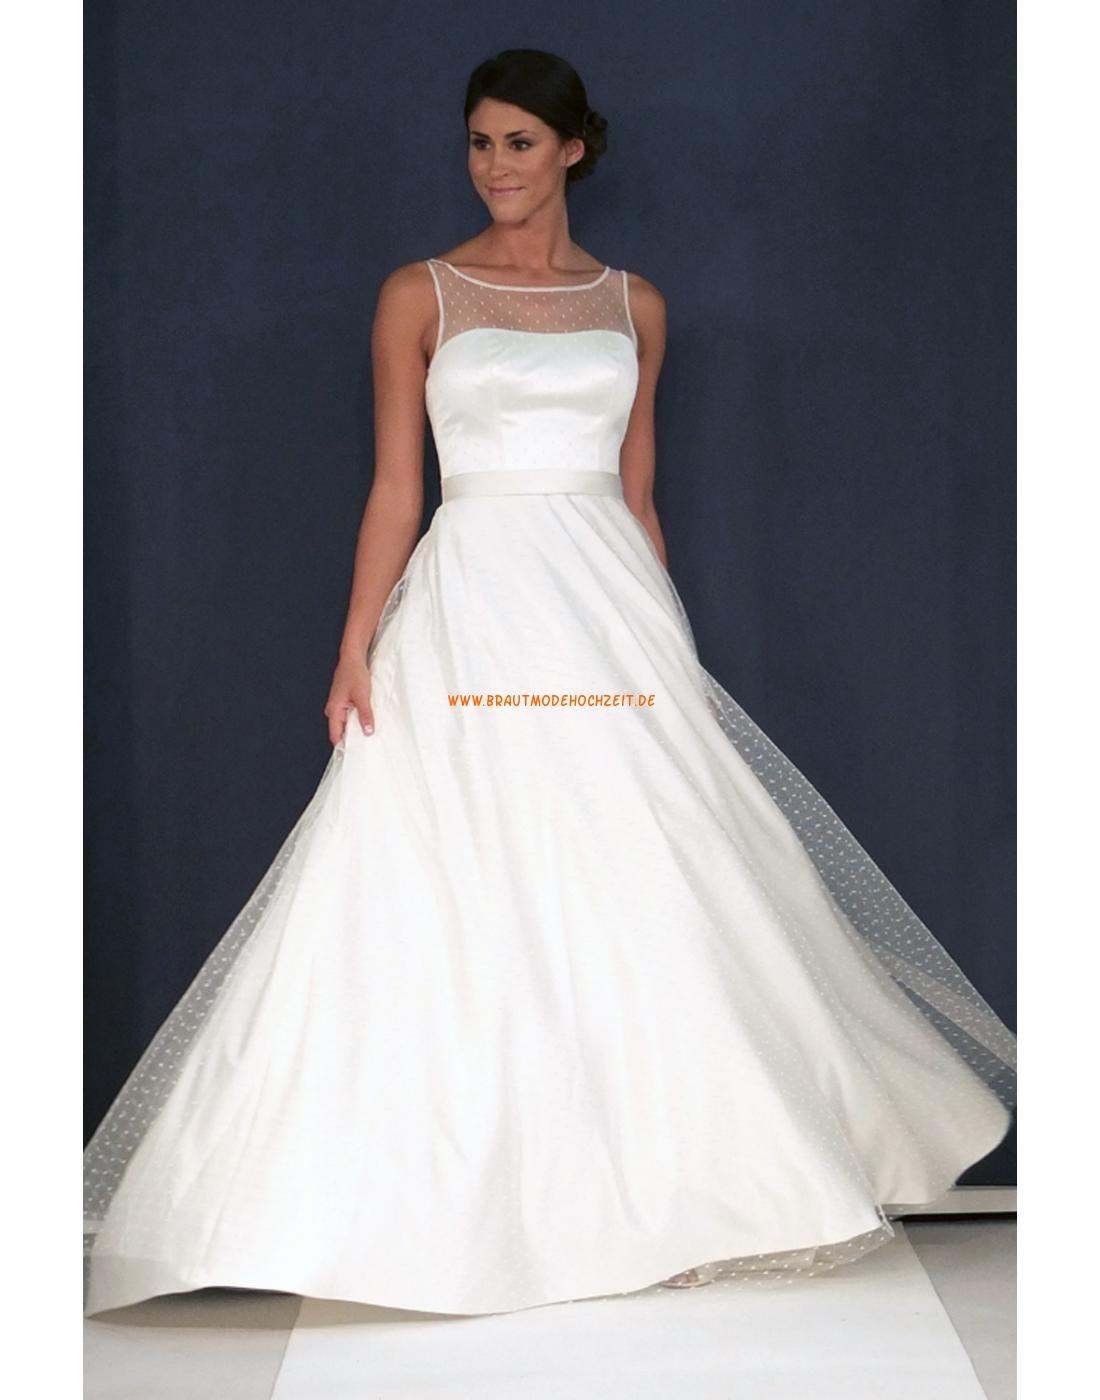 Augusta Jones 2013 Einfache Schlichte Hochzeitskleider aus Softnetz ...